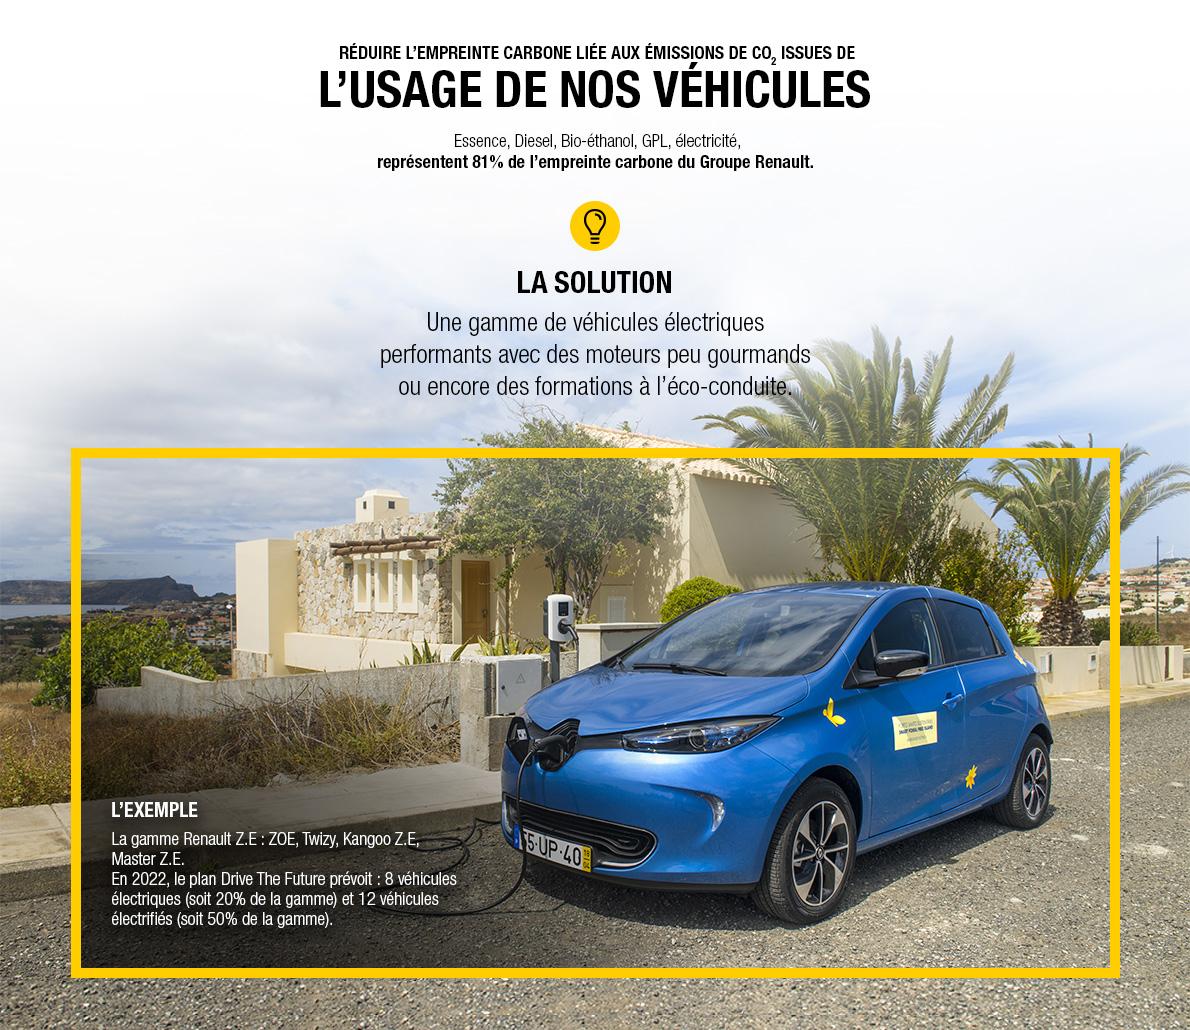 Réduire l'empreinte carbone liée aux émissions de CO2 issues de l'usage de nos véhicules